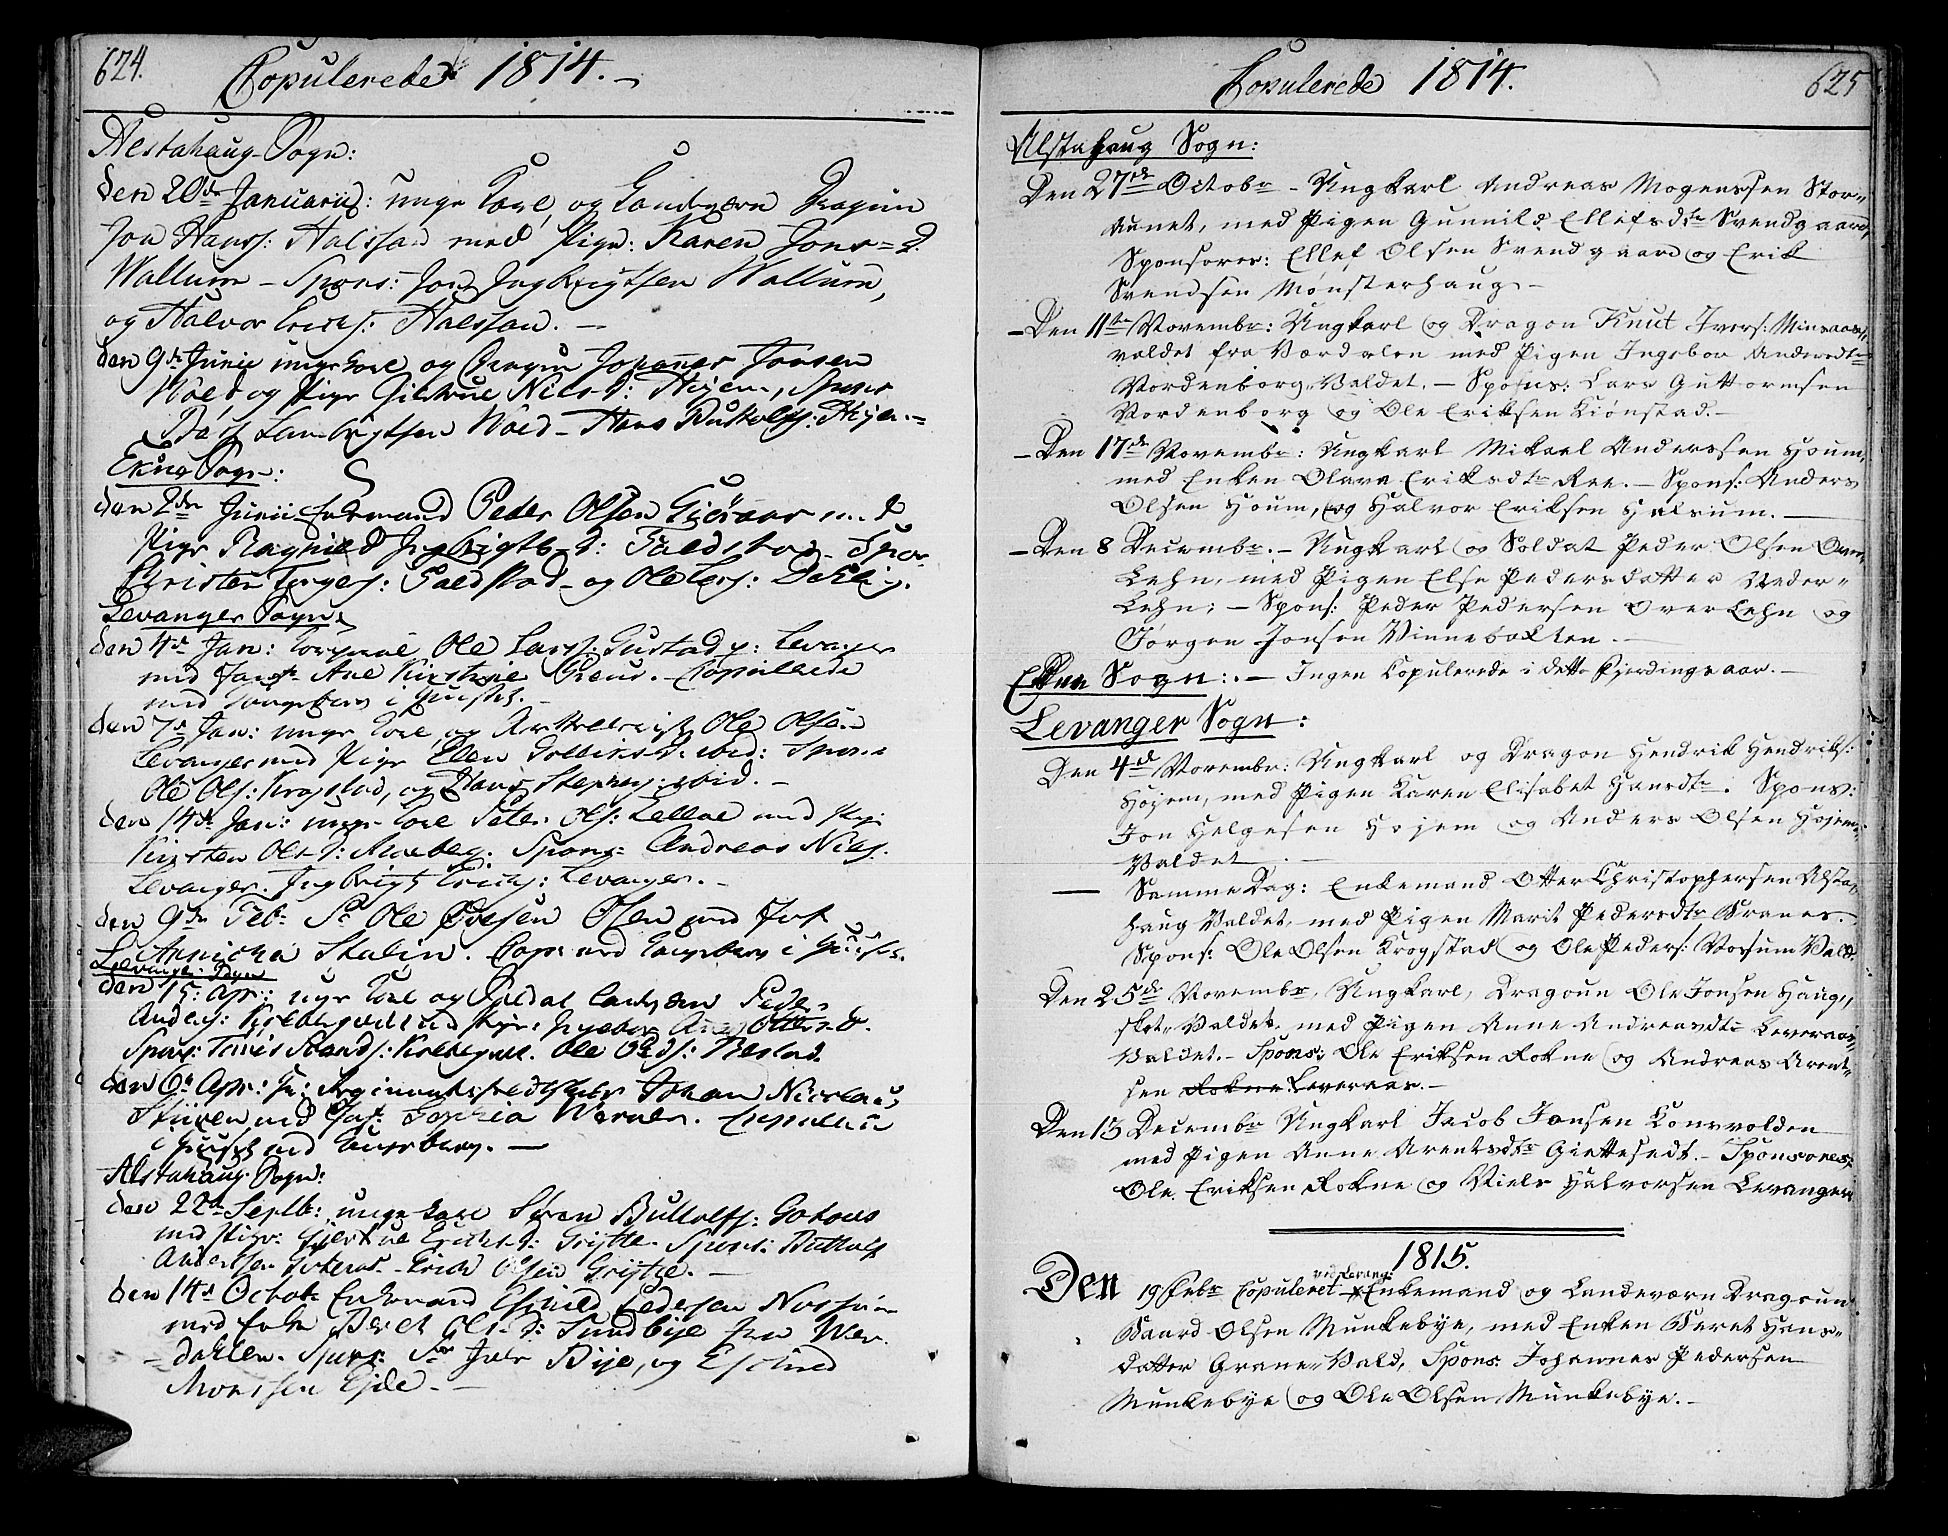 SAT, Ministerialprotokoller, klokkerbøker og fødselsregistre - Nord-Trøndelag, 717/L0145: Ministerialbok nr. 717A03 /1, 1810-1815, s. 624-625